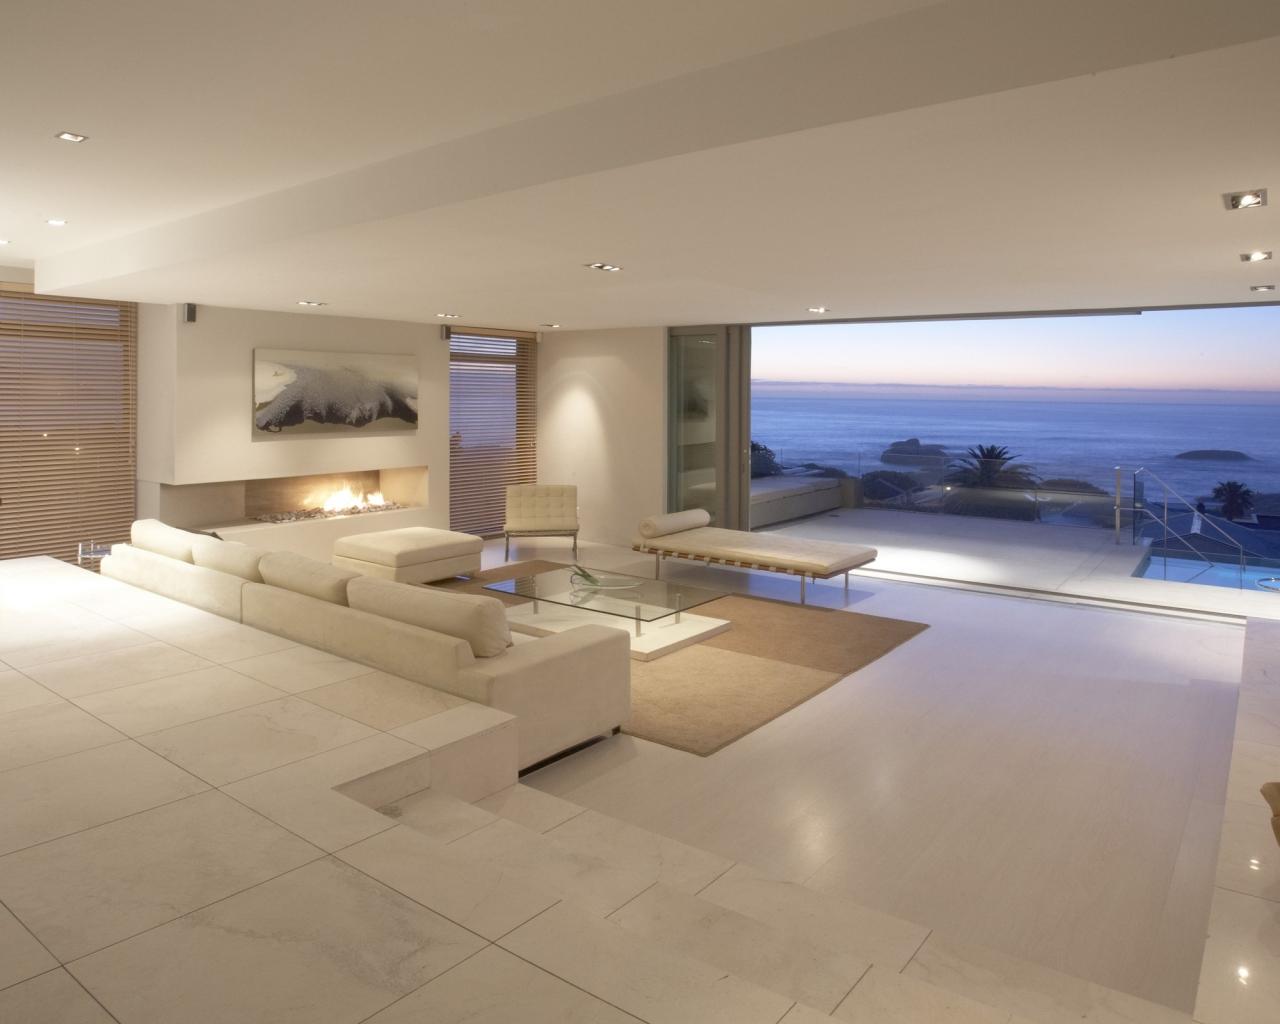 Diseño de una casa de Playa - 1280x1024